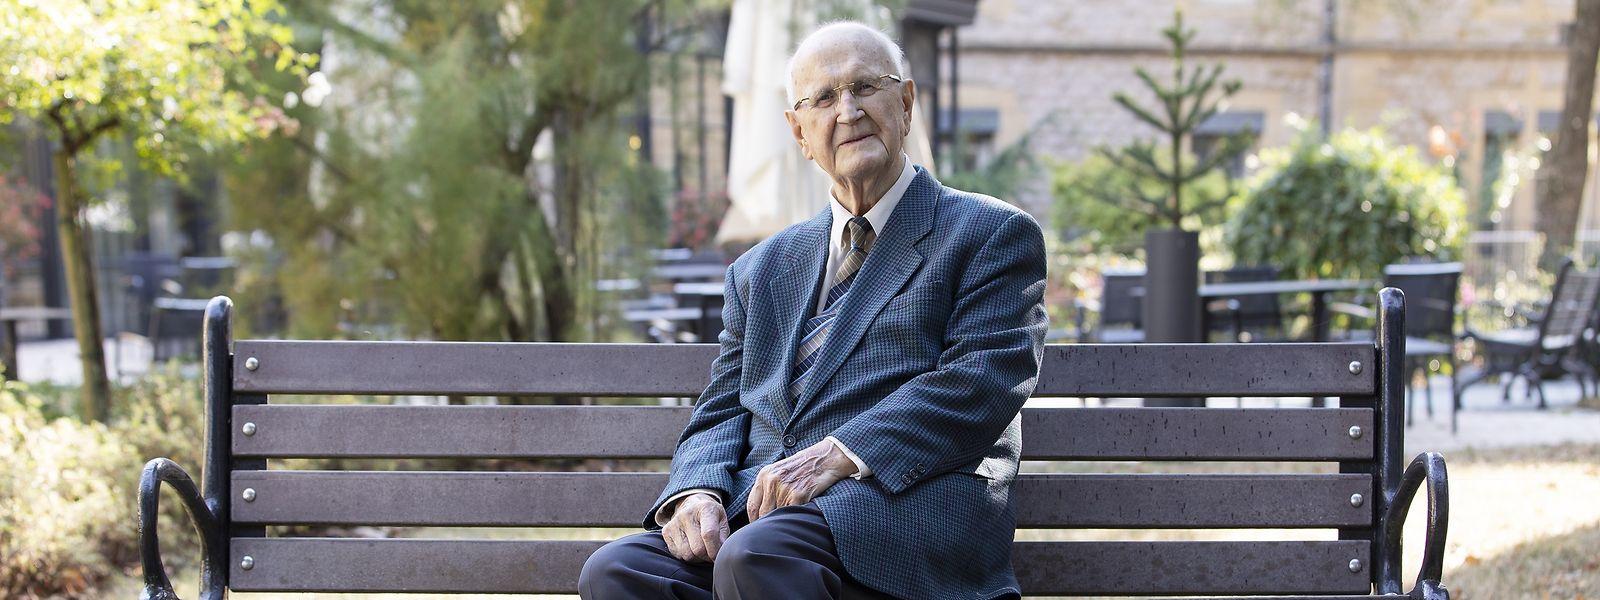 Pierre Nimax senior (1930-2021) war eine der prägenden Gestalten der jüngeren luxemburgischen Militärmusikgeschichte.